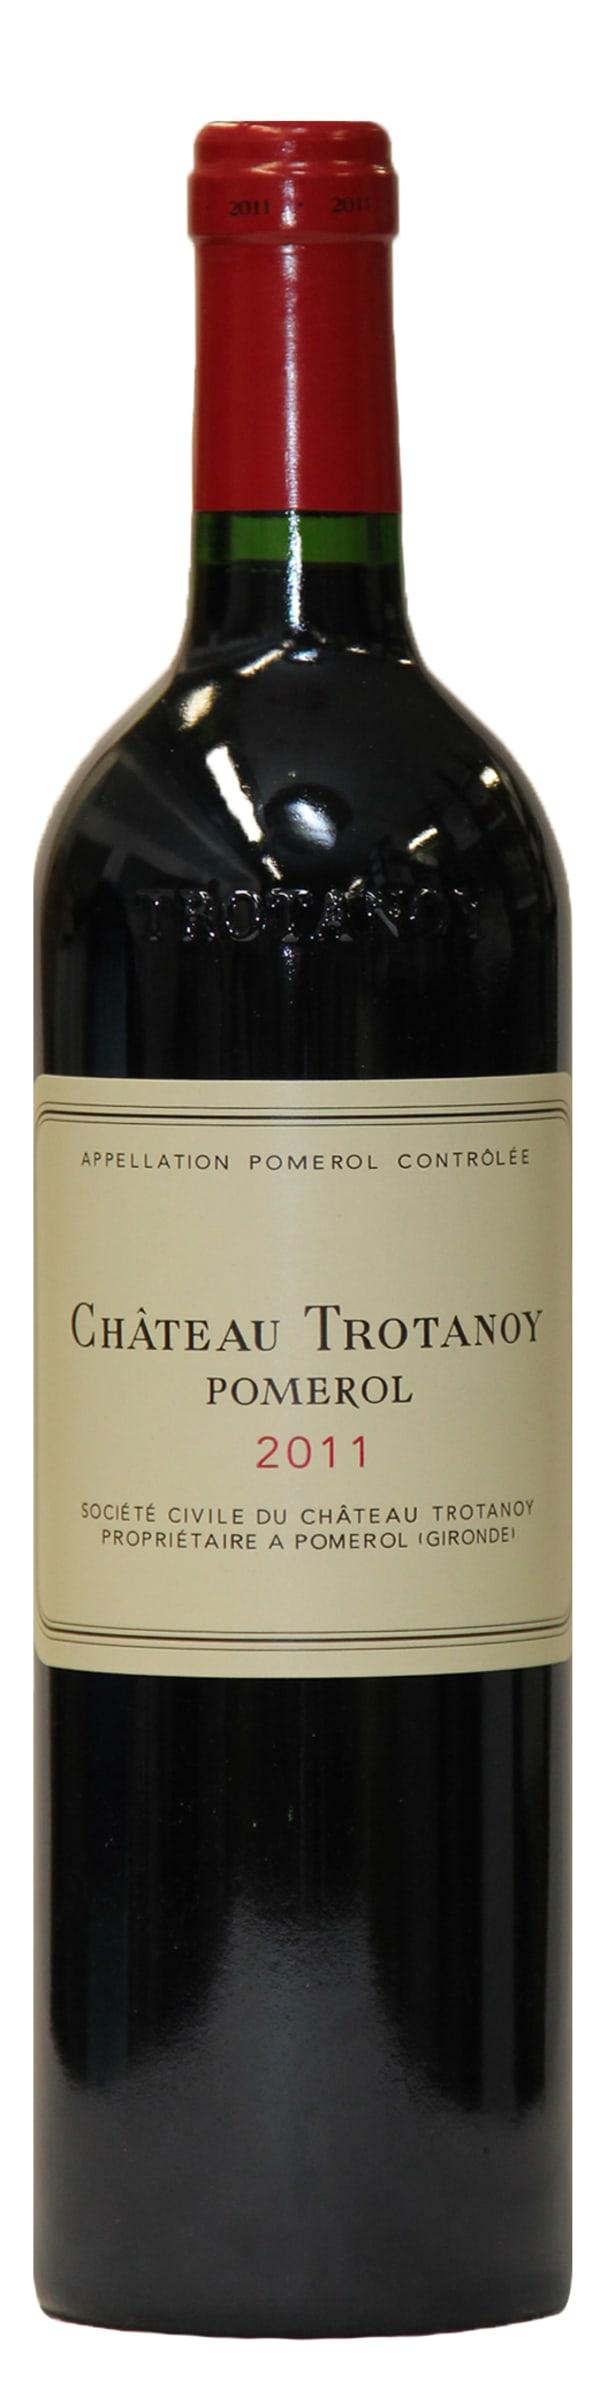 Château Trotanoy 2011